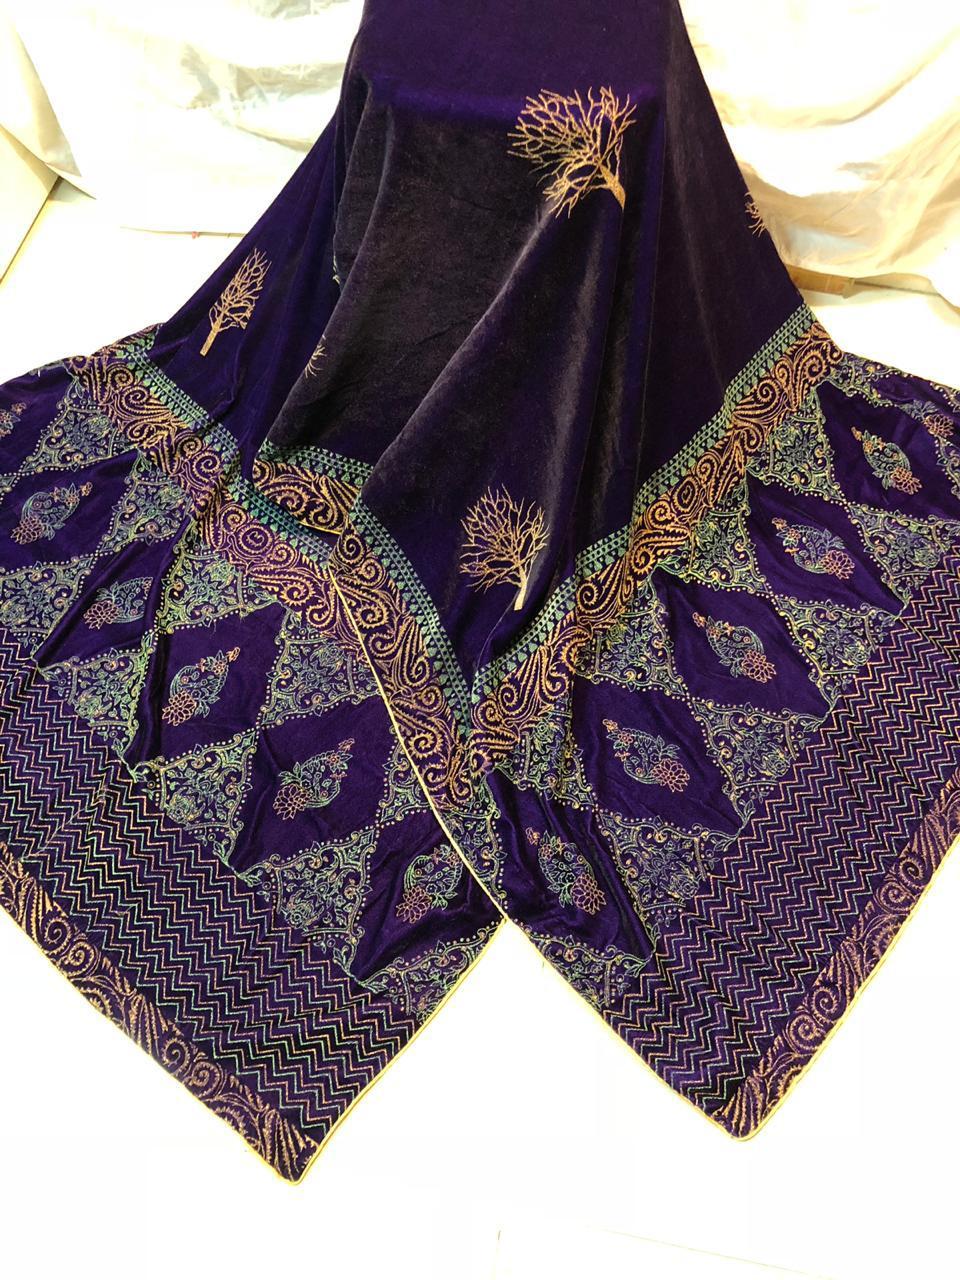 Exquisite Designer Velvet Shawl 2019 Master Copy Master Replica Pakistan